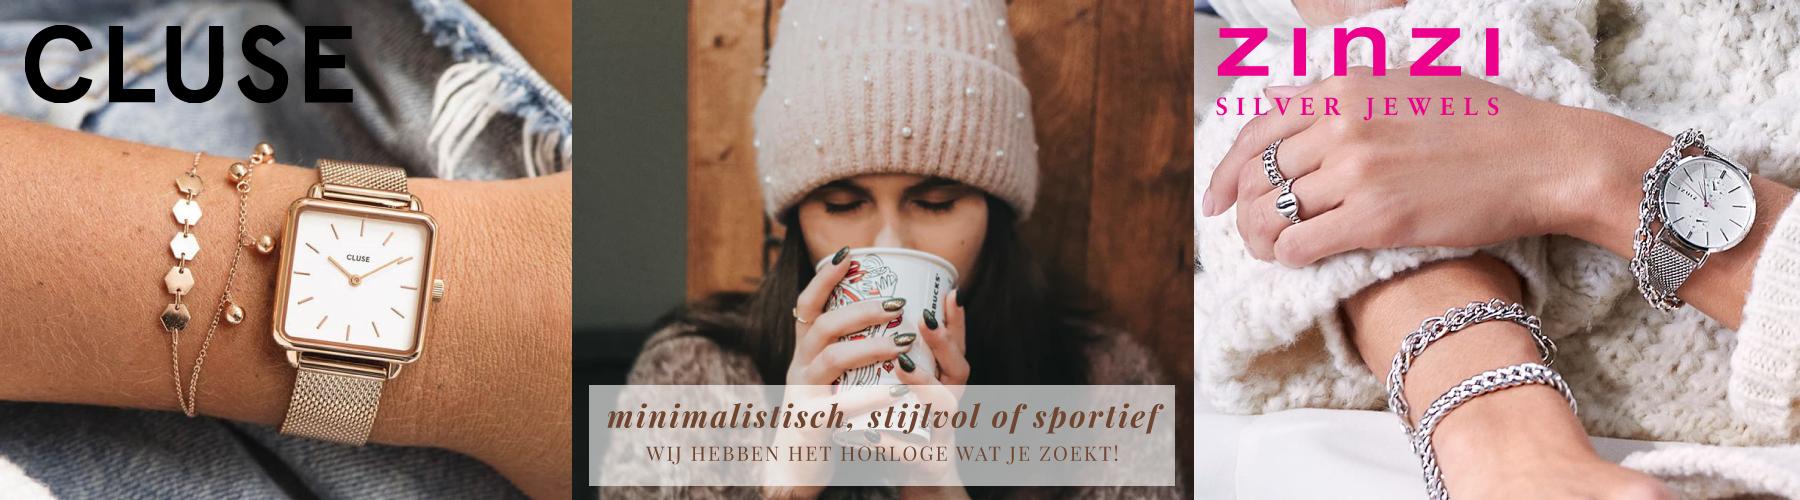 Zinzi-en-Cluse-horloges-kopen-bij-Wolters-Juweliers-Coevorden-Emmen